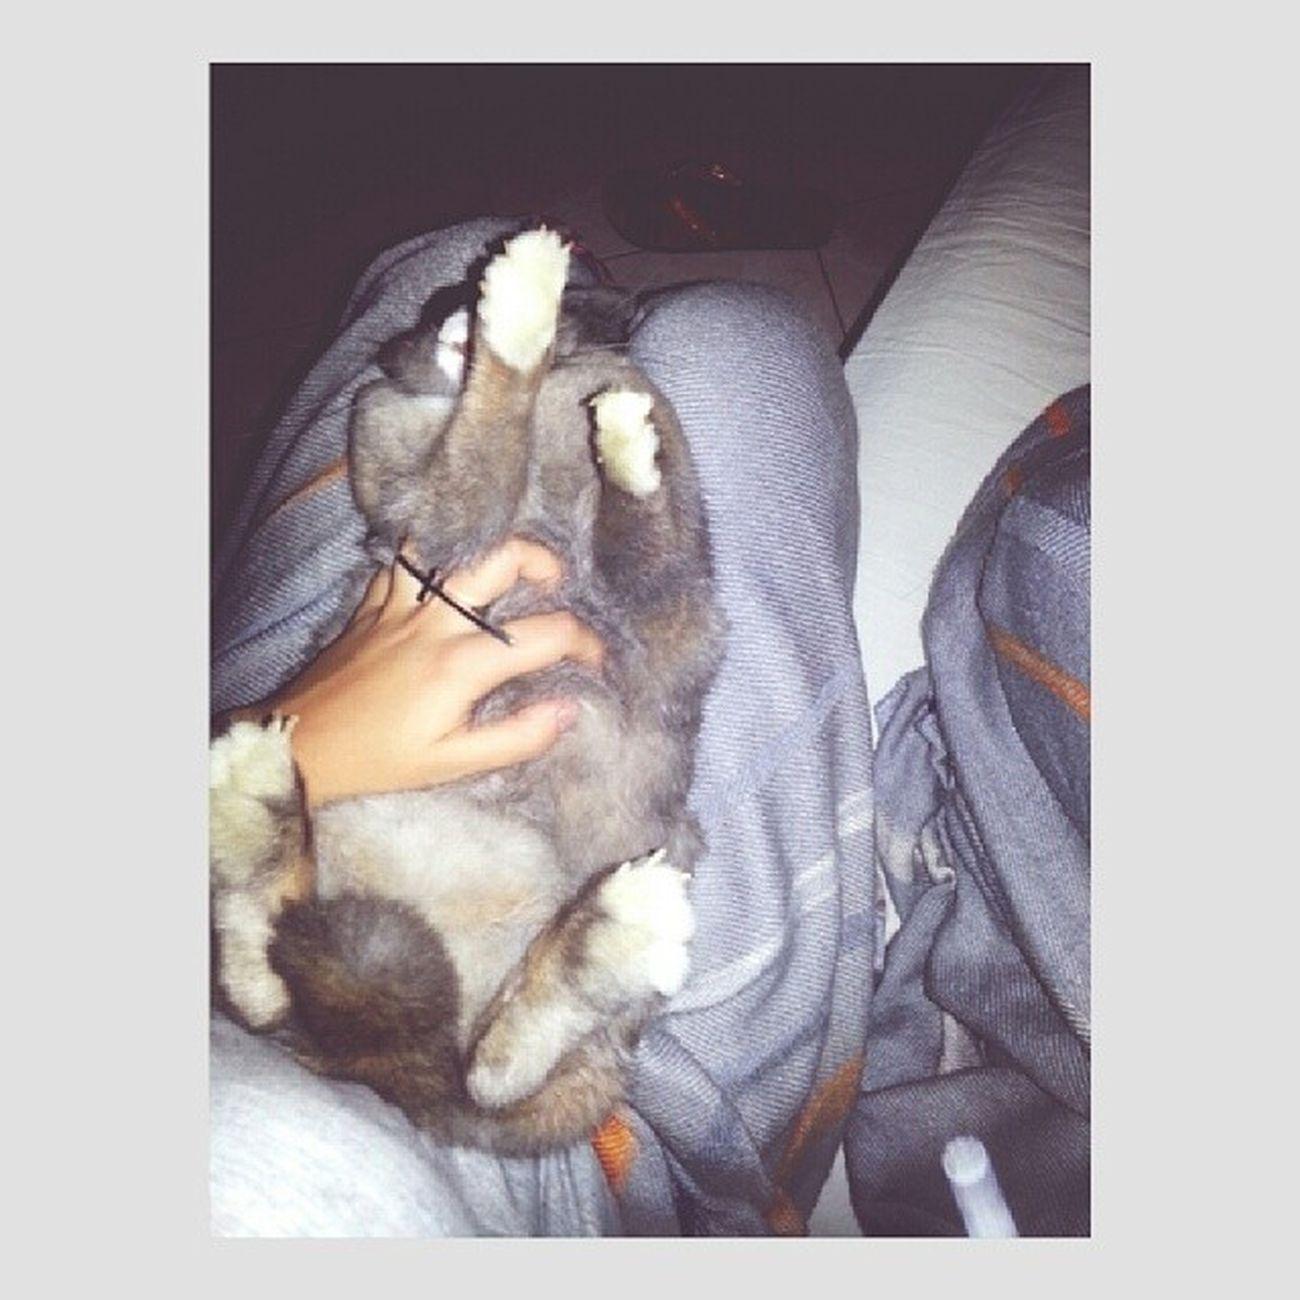 Questa Coniglietta Bellissima Conejo bellosinstaconiglioboh